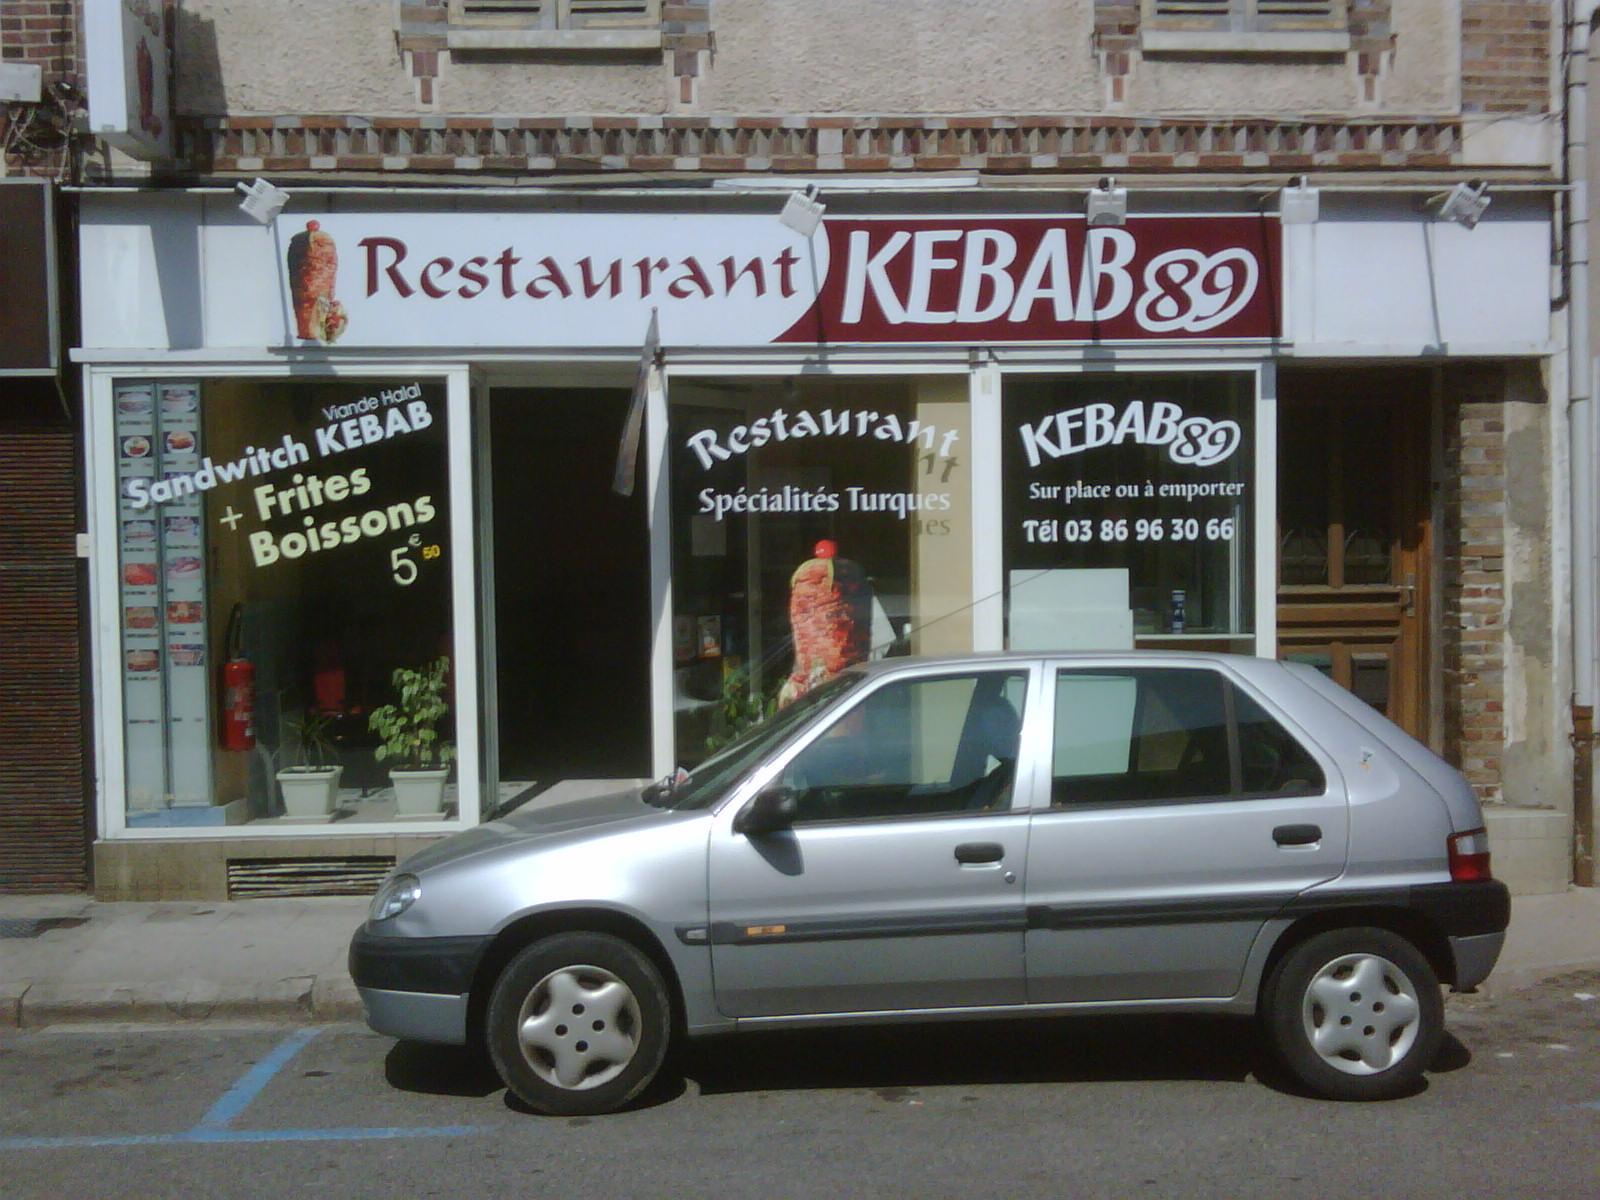 Restaurant Kebab 89